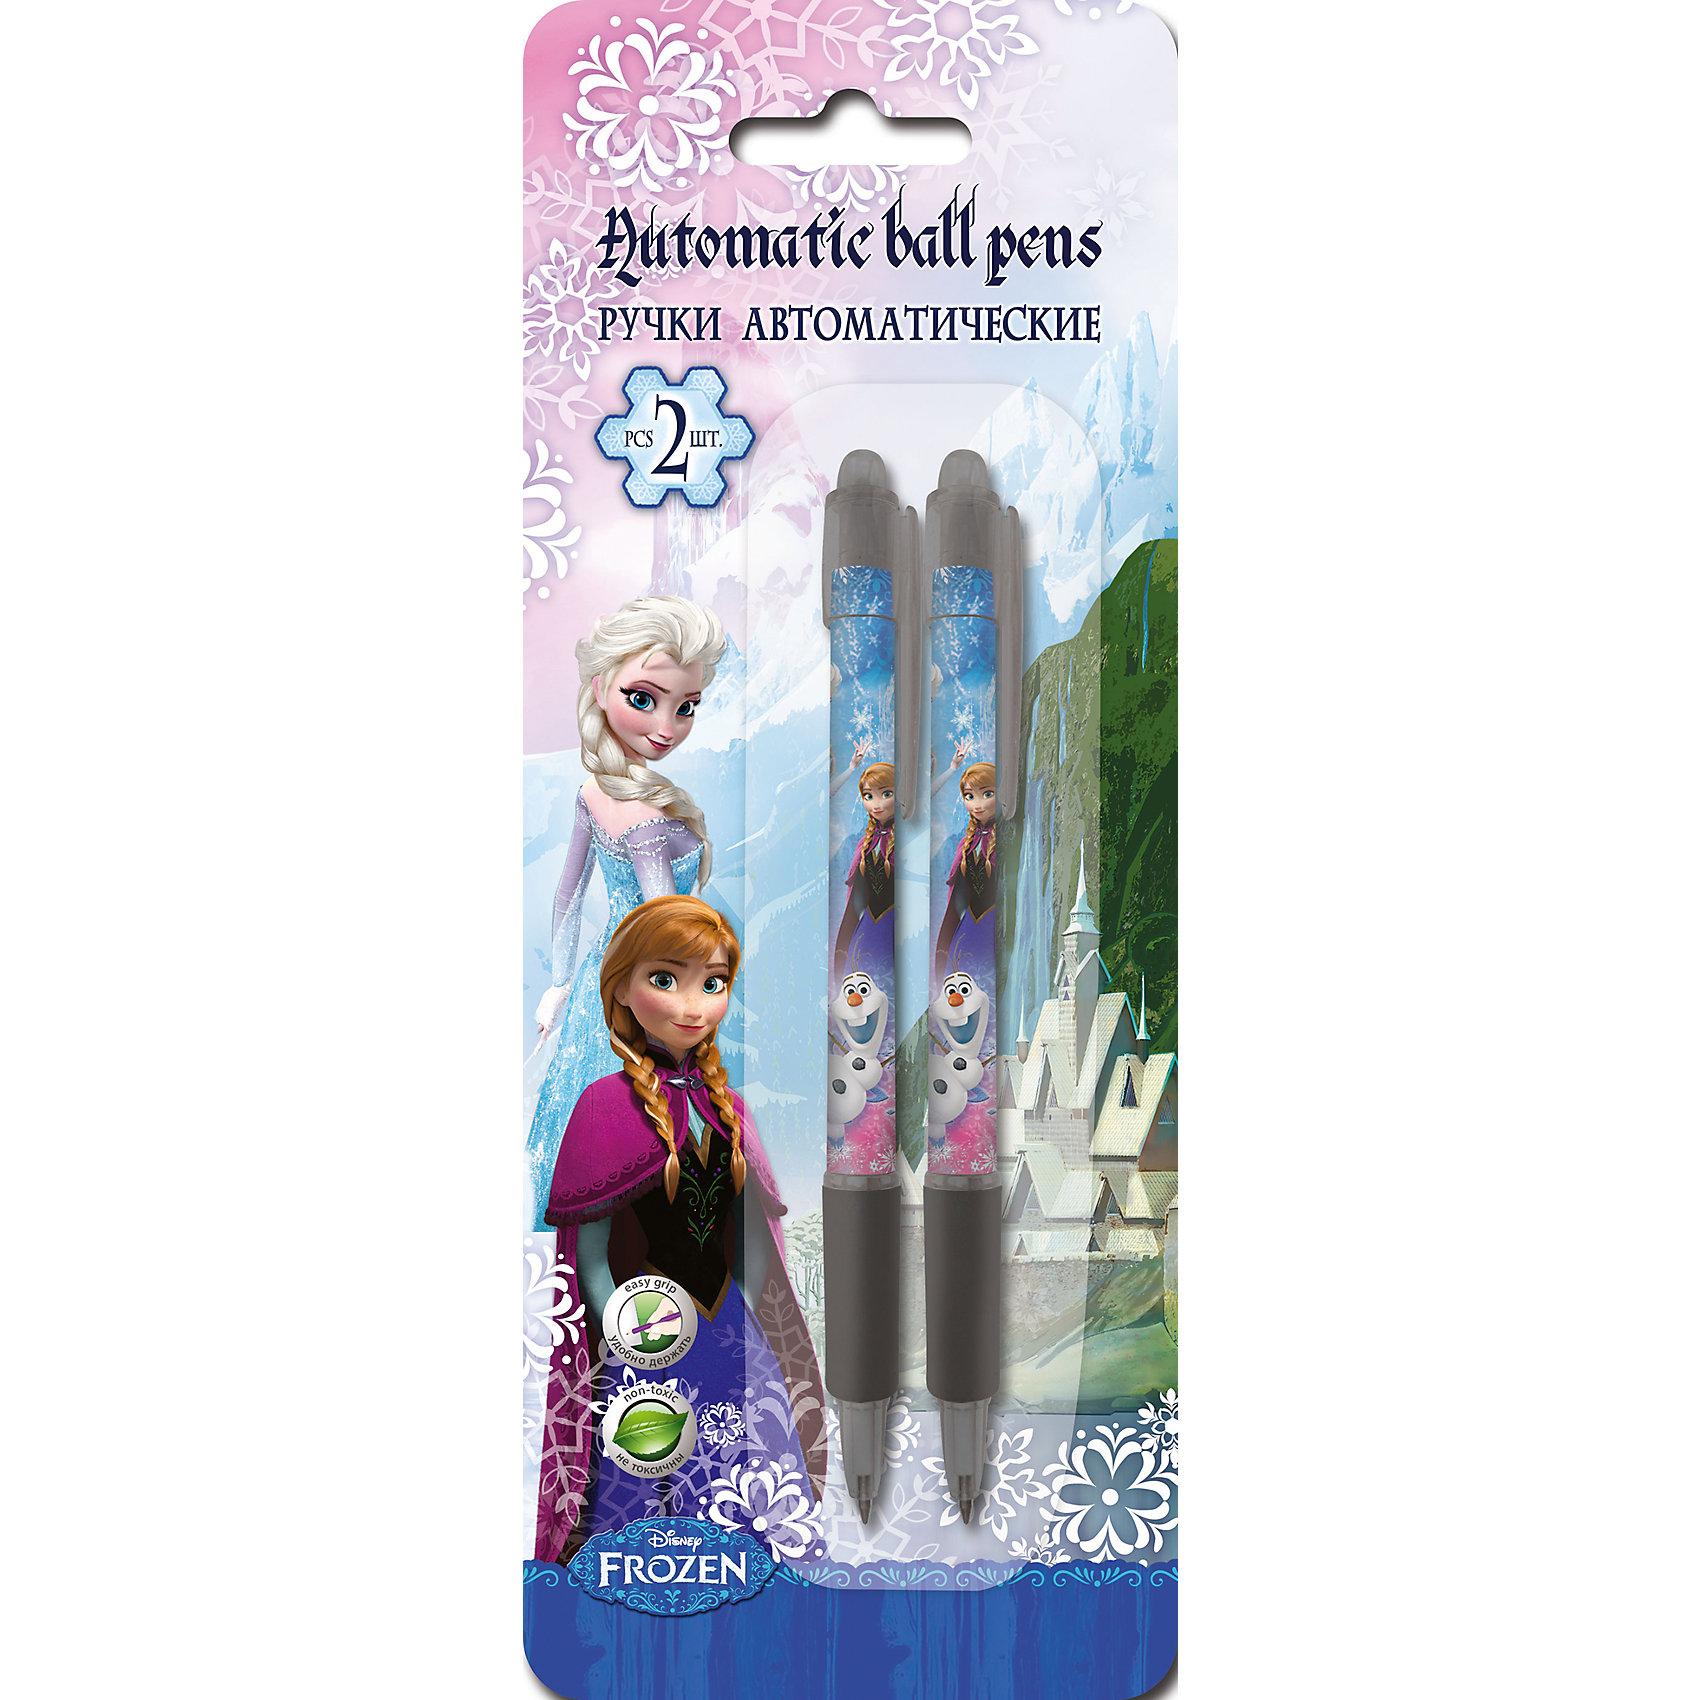 Синие шариковые ручки Холодное сердце 2 штХолодное сердце<br>Автоматические шариковые ручки с изображением героев любимого мультфильма Холодное сердце (Frozen) приведут в восторг всех девчонок! Ручки выполнены из прочного пластика, имеют синие стержни. Учиться с любимыми героями легко и интересно!<br><br>Дополнительная информация:<br><br>- Материал: пластик.<br>- 2 ручки в шариковые комплекте.<br>- Механизм: автоматические. <br>- Цвет пасты: синий. <br>-  Размер упаковки: 20 х 7 х 1,5 см. <br><br>Синие шариковые ручки Холодное сердце 2 шт, можно купить в нашем магазине.<br><br>Ширина мм: 15<br>Глубина мм: 70<br>Высота мм: 200<br>Вес г: 22<br>Возраст от месяцев: 36<br>Возраст до месяцев: 144<br>Пол: Женский<br>Возраст: Детский<br>SKU: 4413544